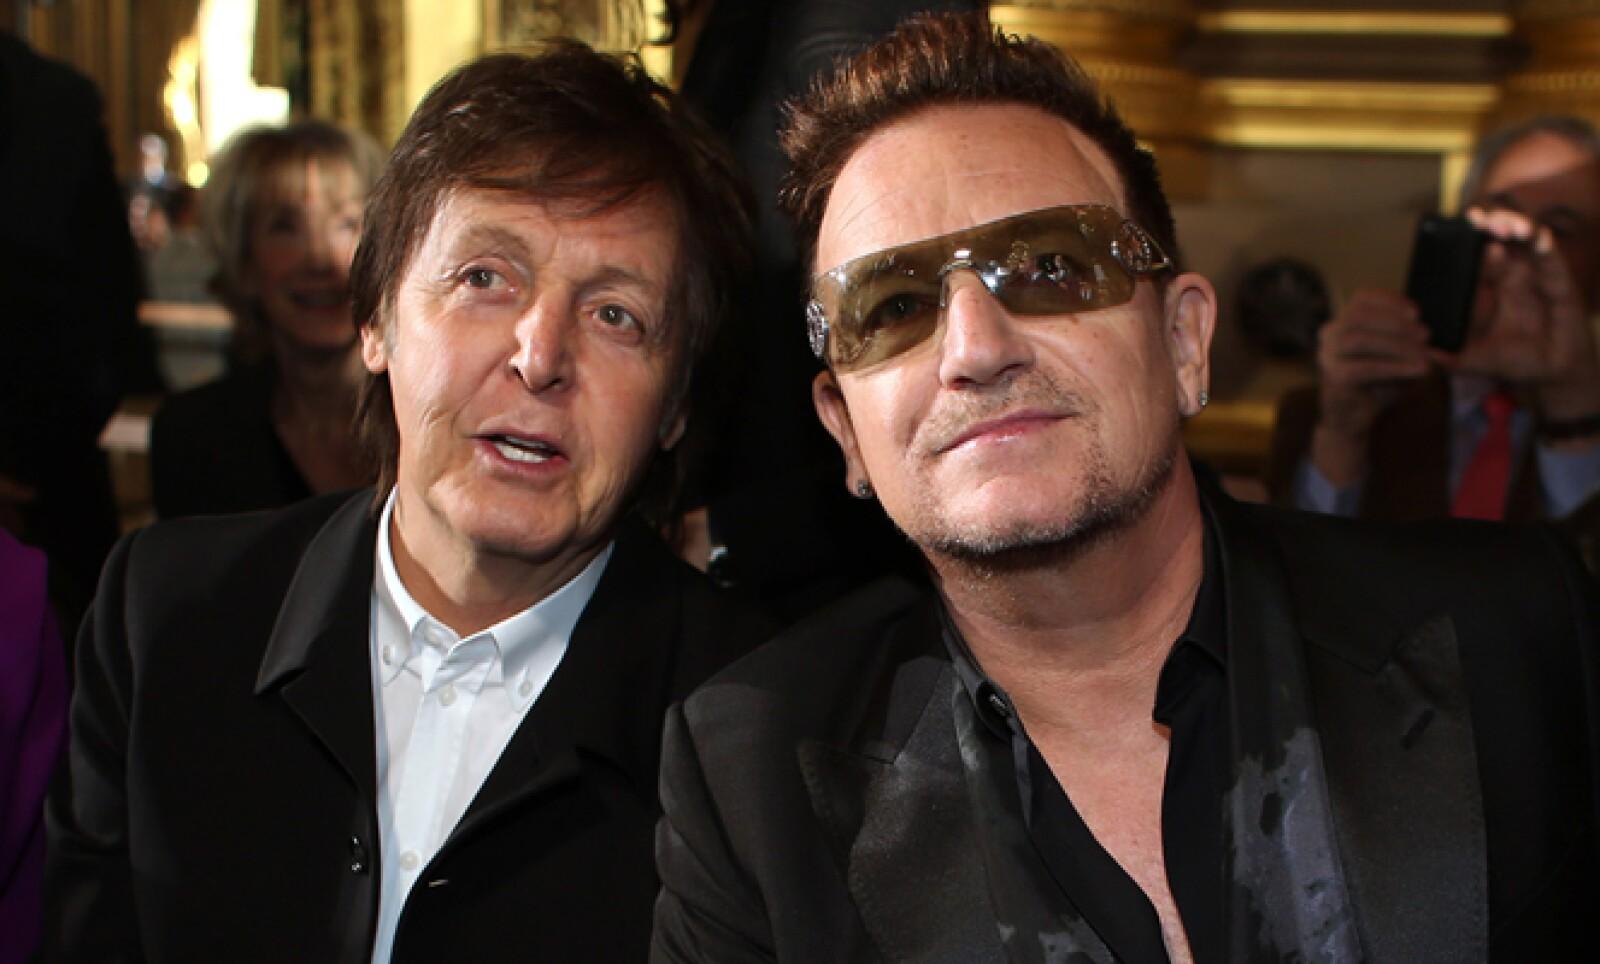 Su padre, Paul McCartney, y el vocalista de U2, Bono, acudieron a París para estar presentes en el evento.